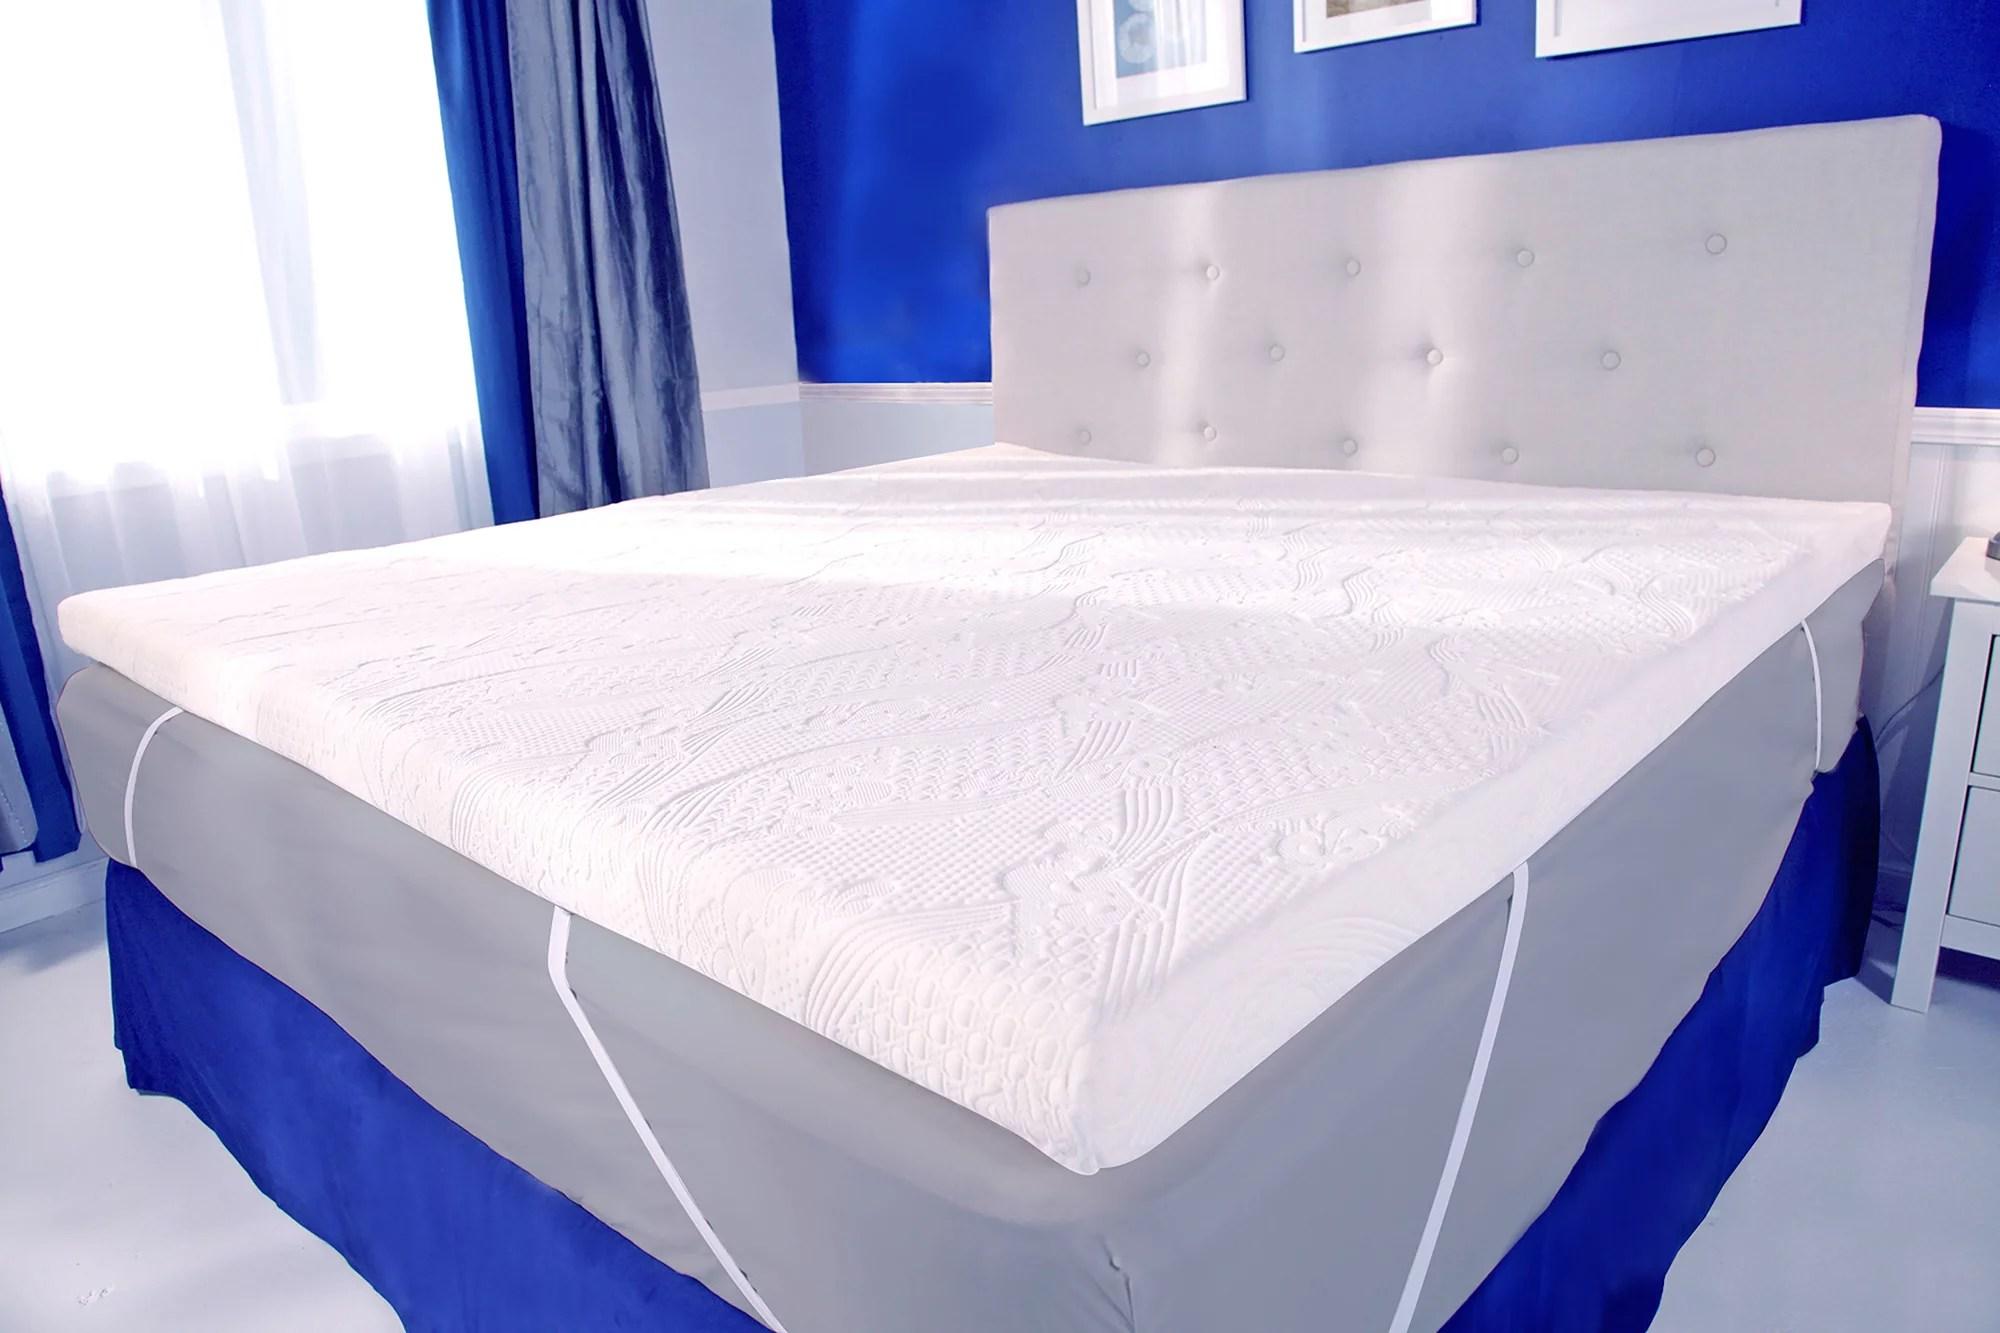 mypillow 2 mattress topper king size walmart com